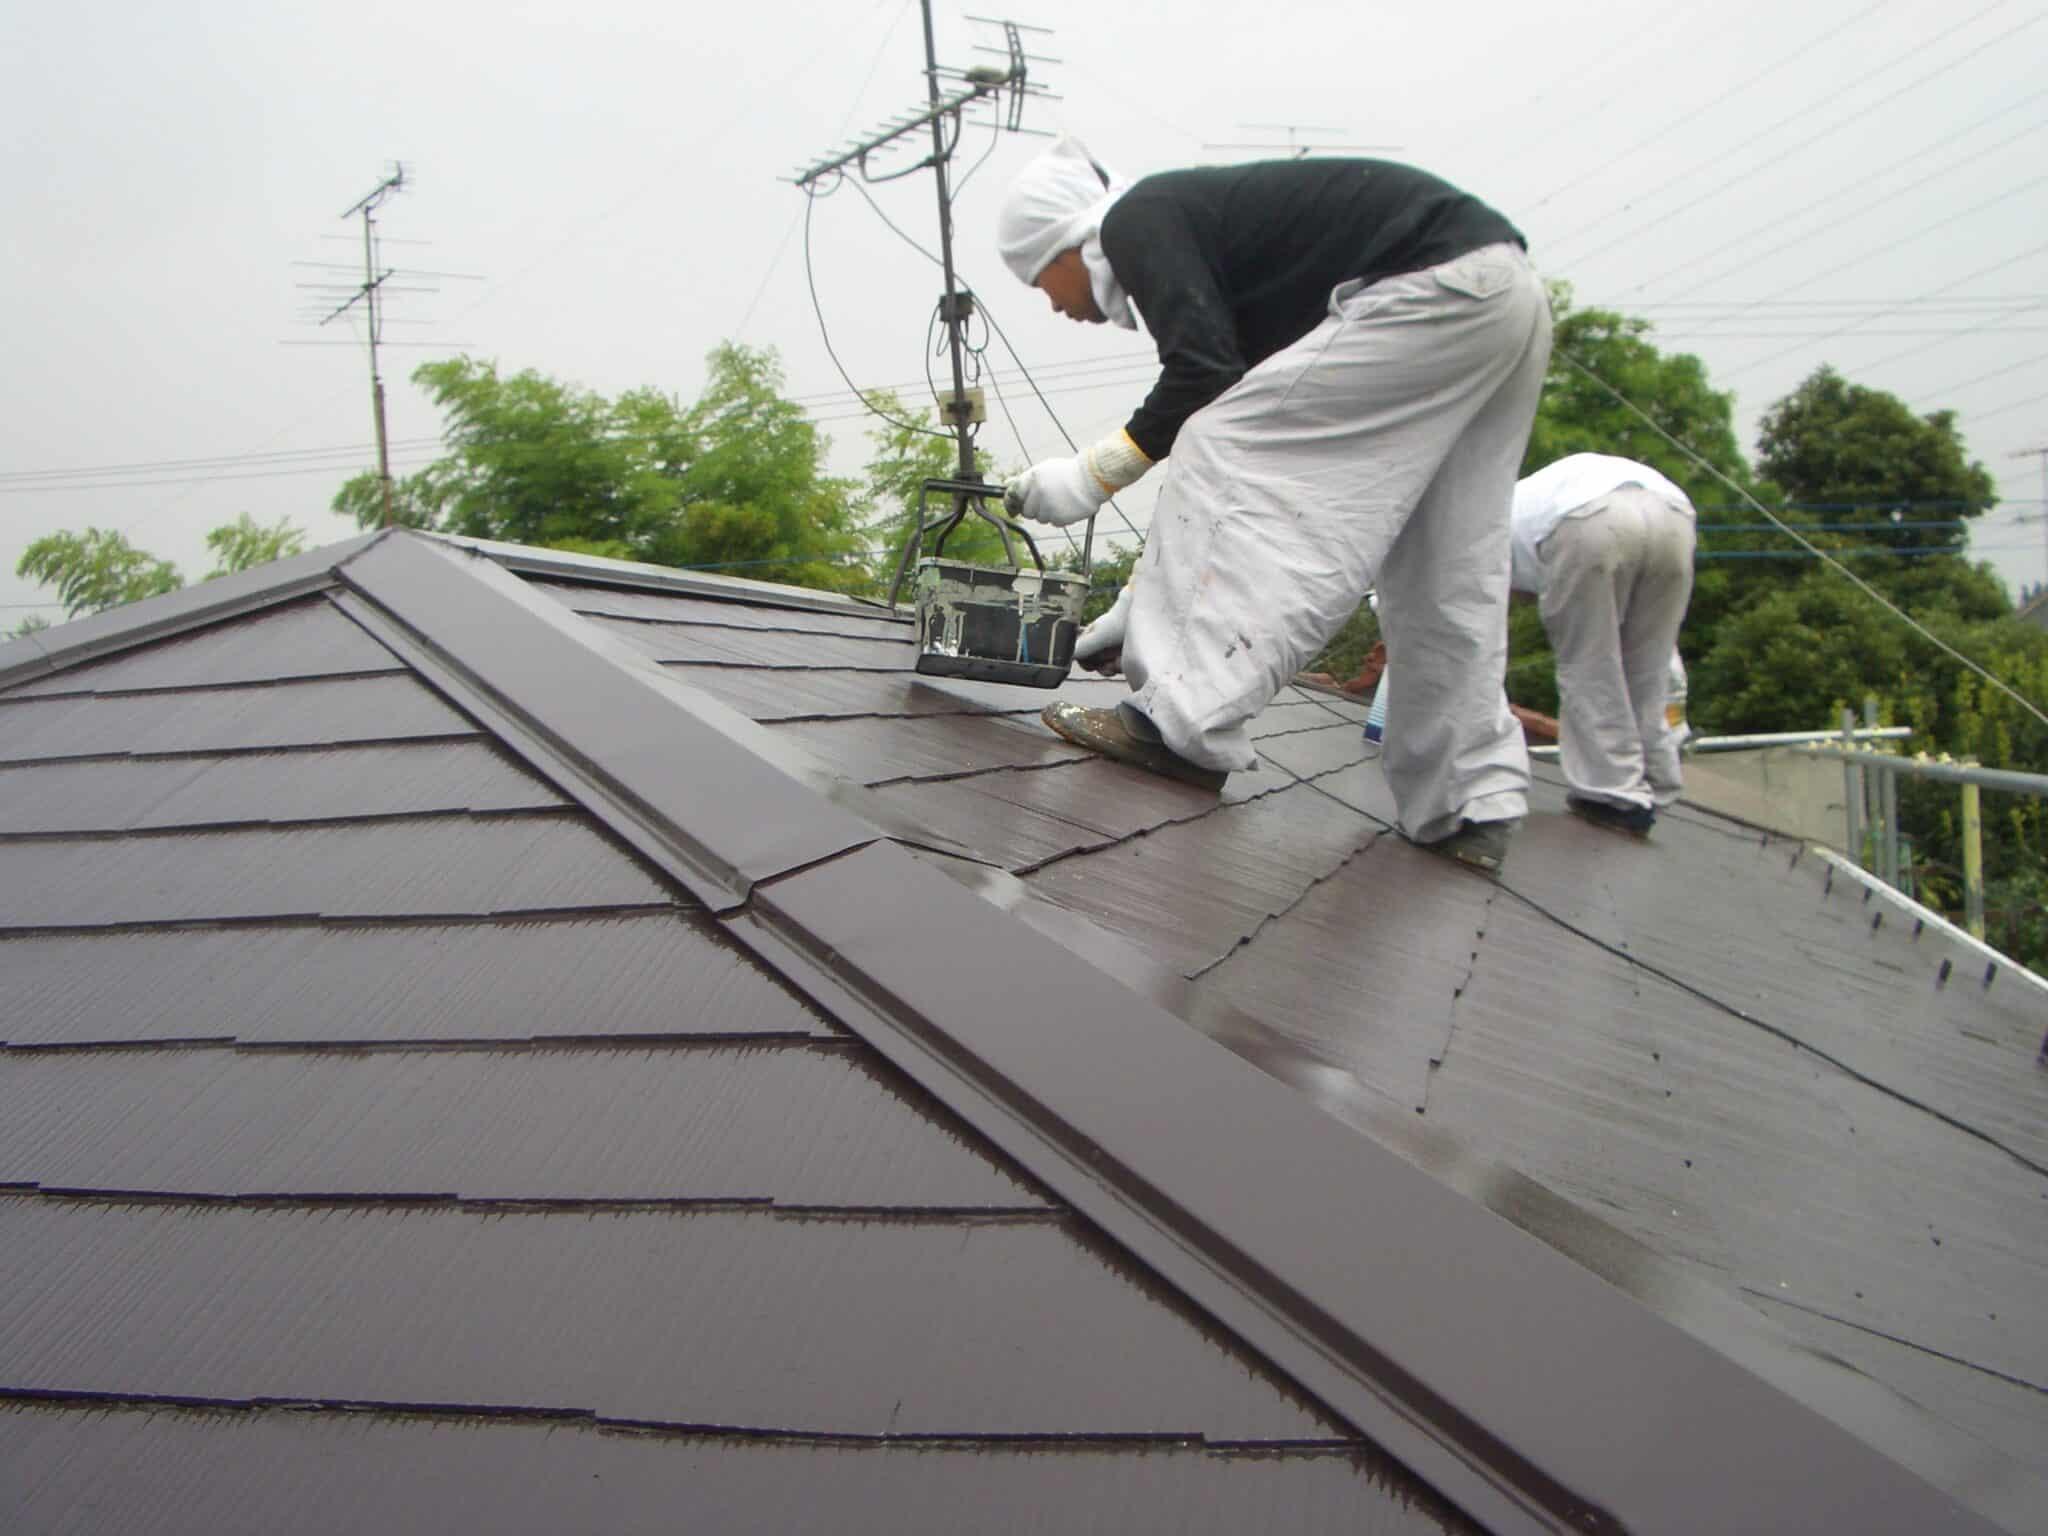 屋根の上で作業する職人